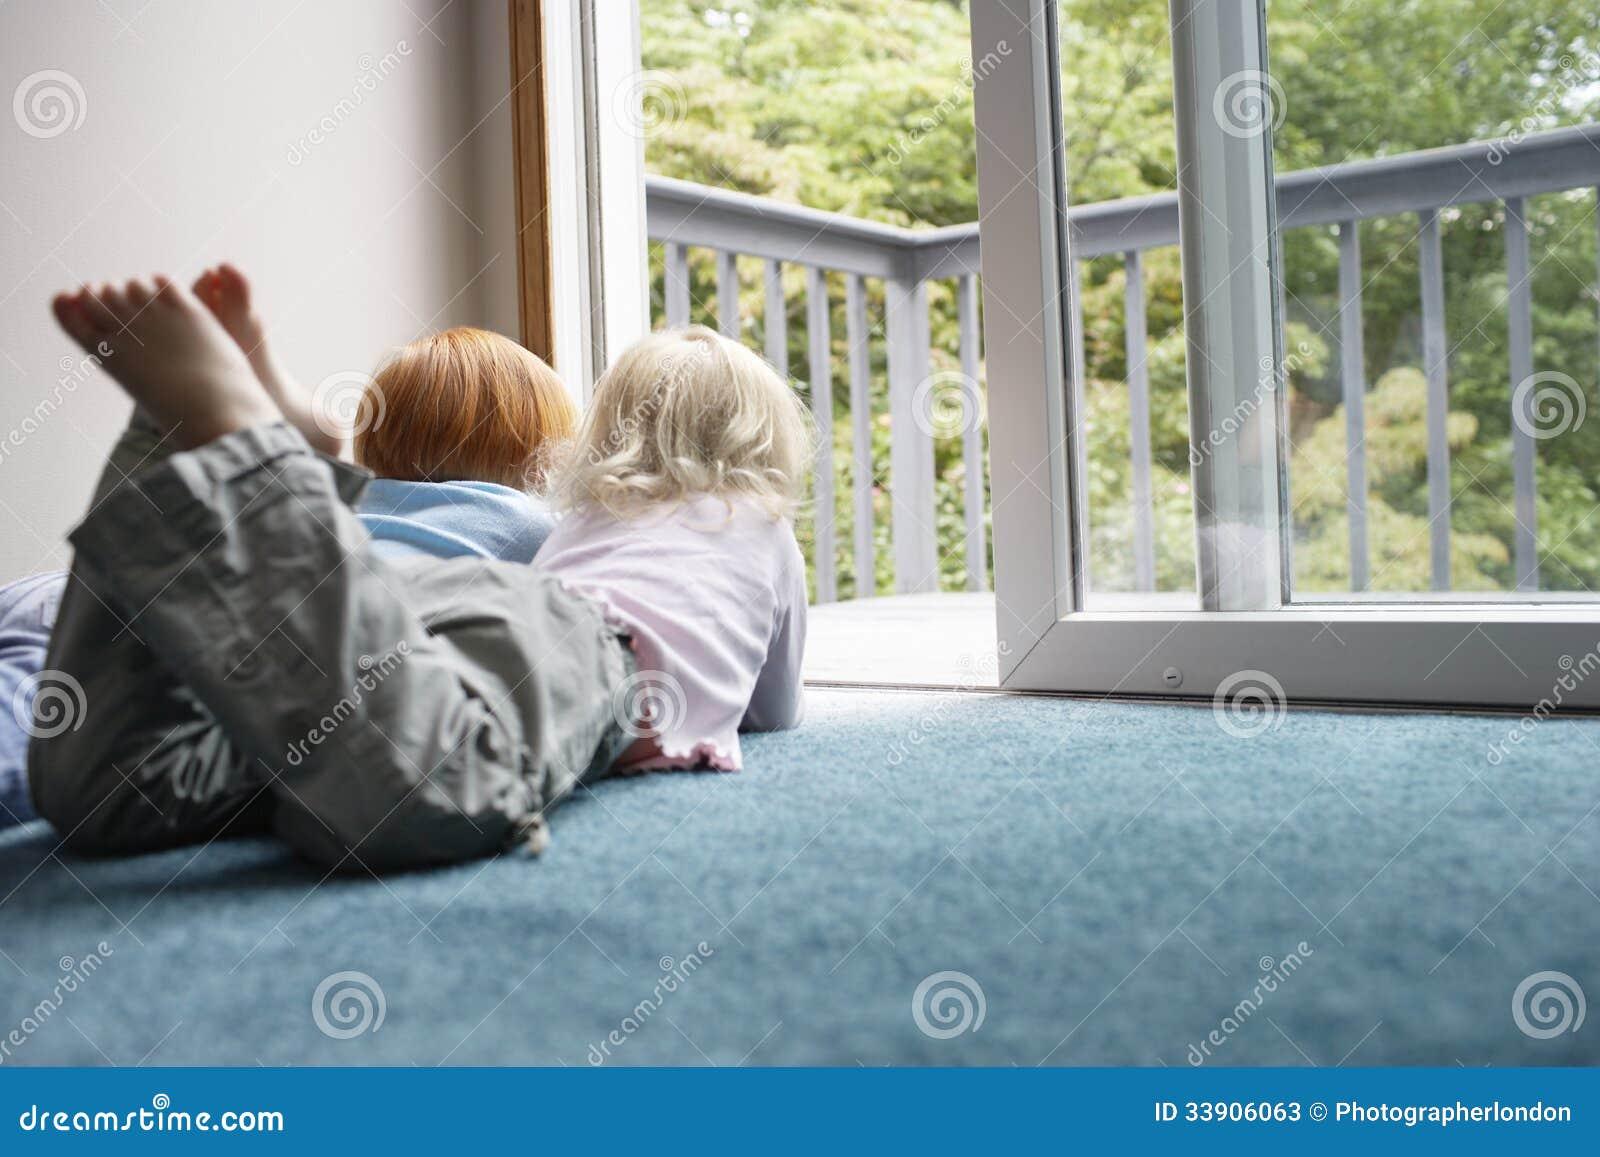 Tapijt Voor Balkon : Zusters die door balkon kijken terwijl het liggen op tapijt stock